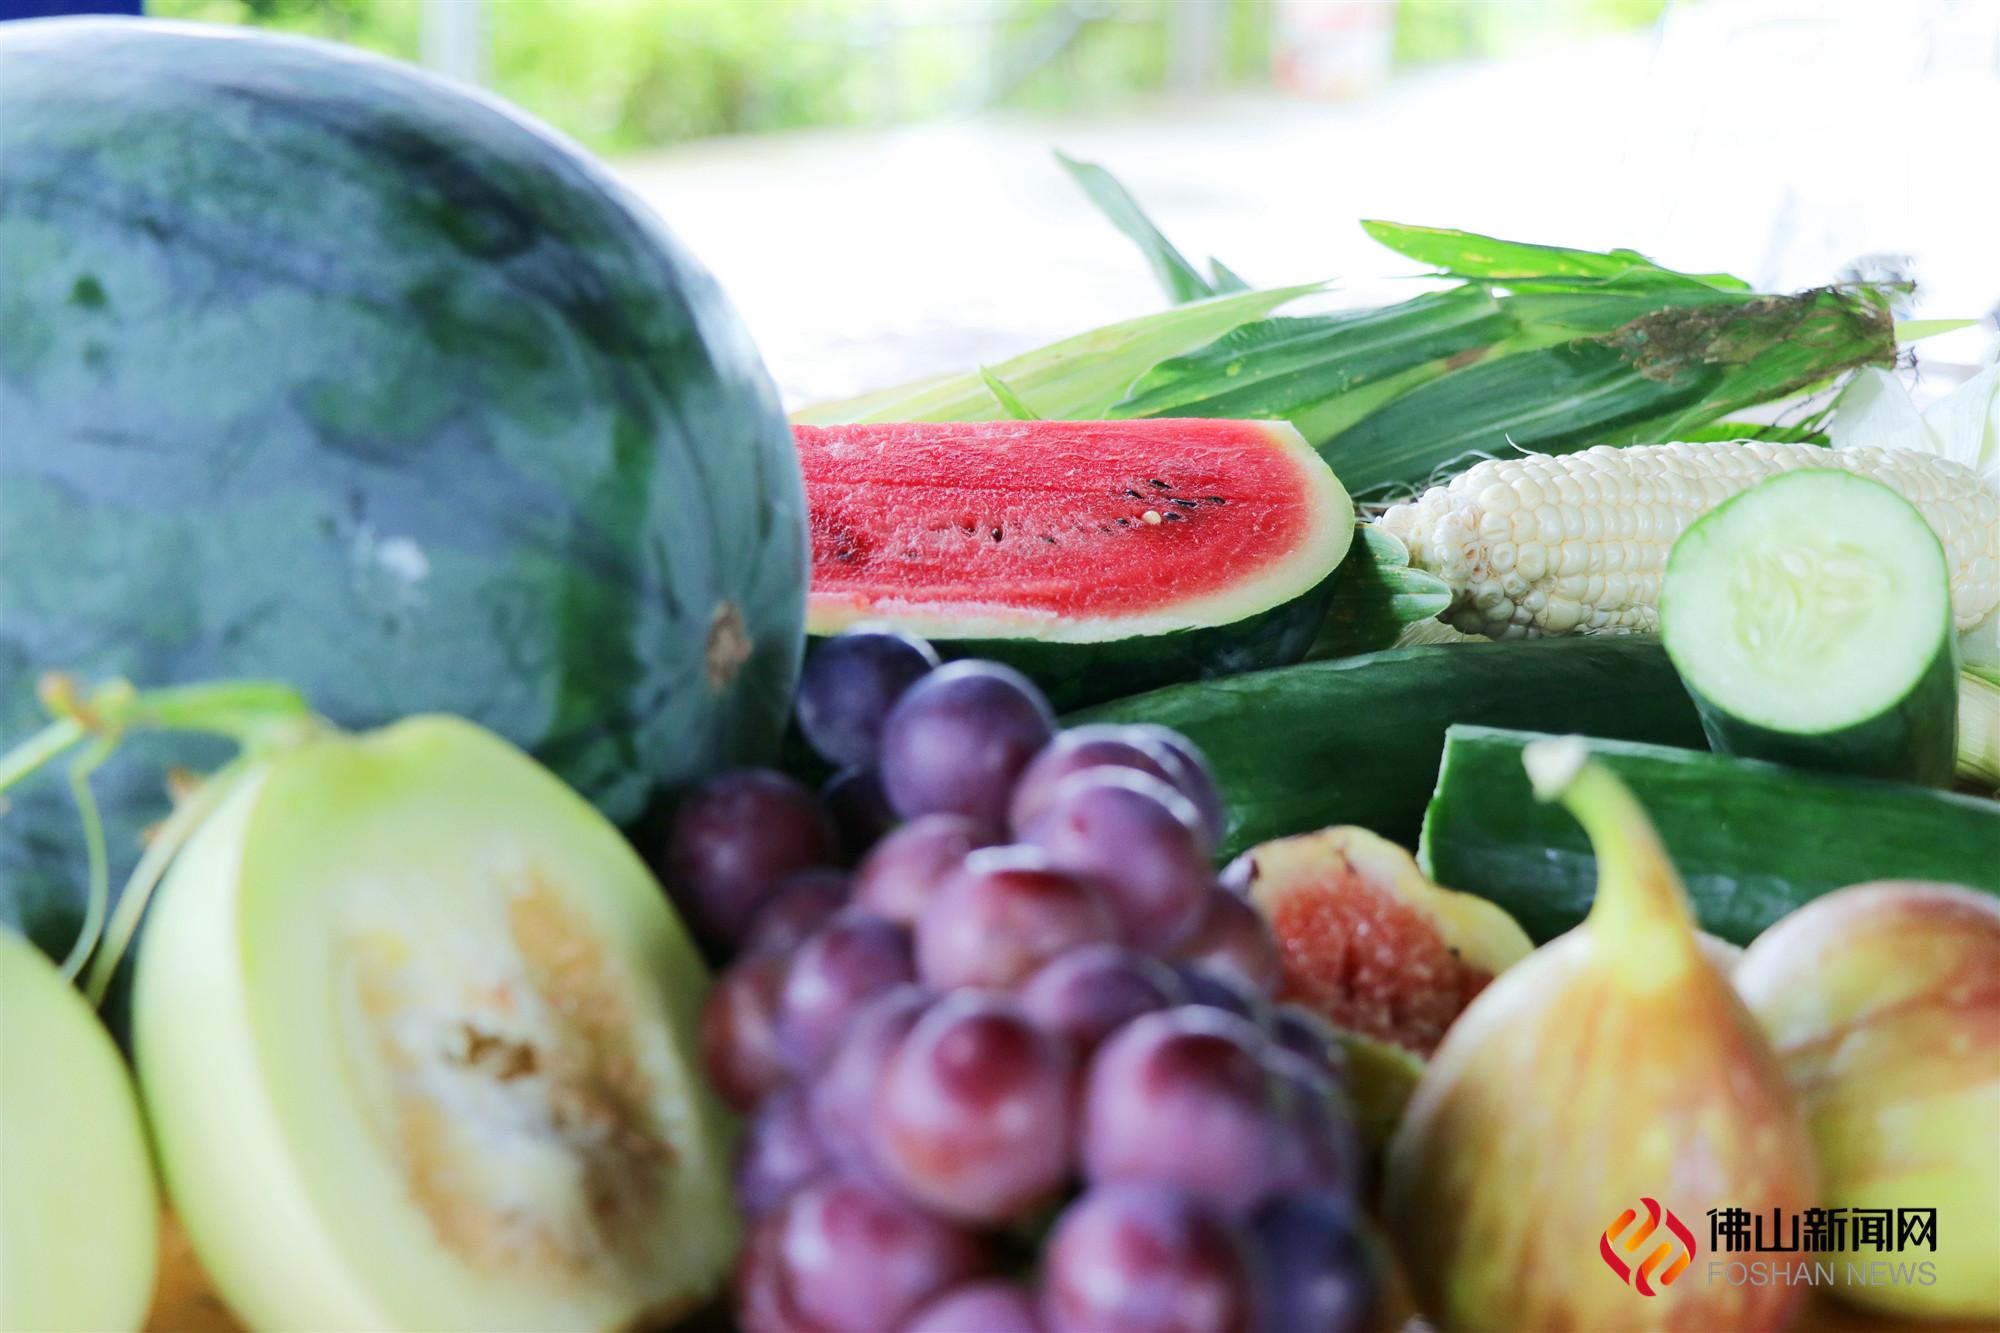 天气闷热,吃水果正当时。位于南海丹灶的禾盛隆生态园,300多亩的田地里多款时令水果相继成熟。